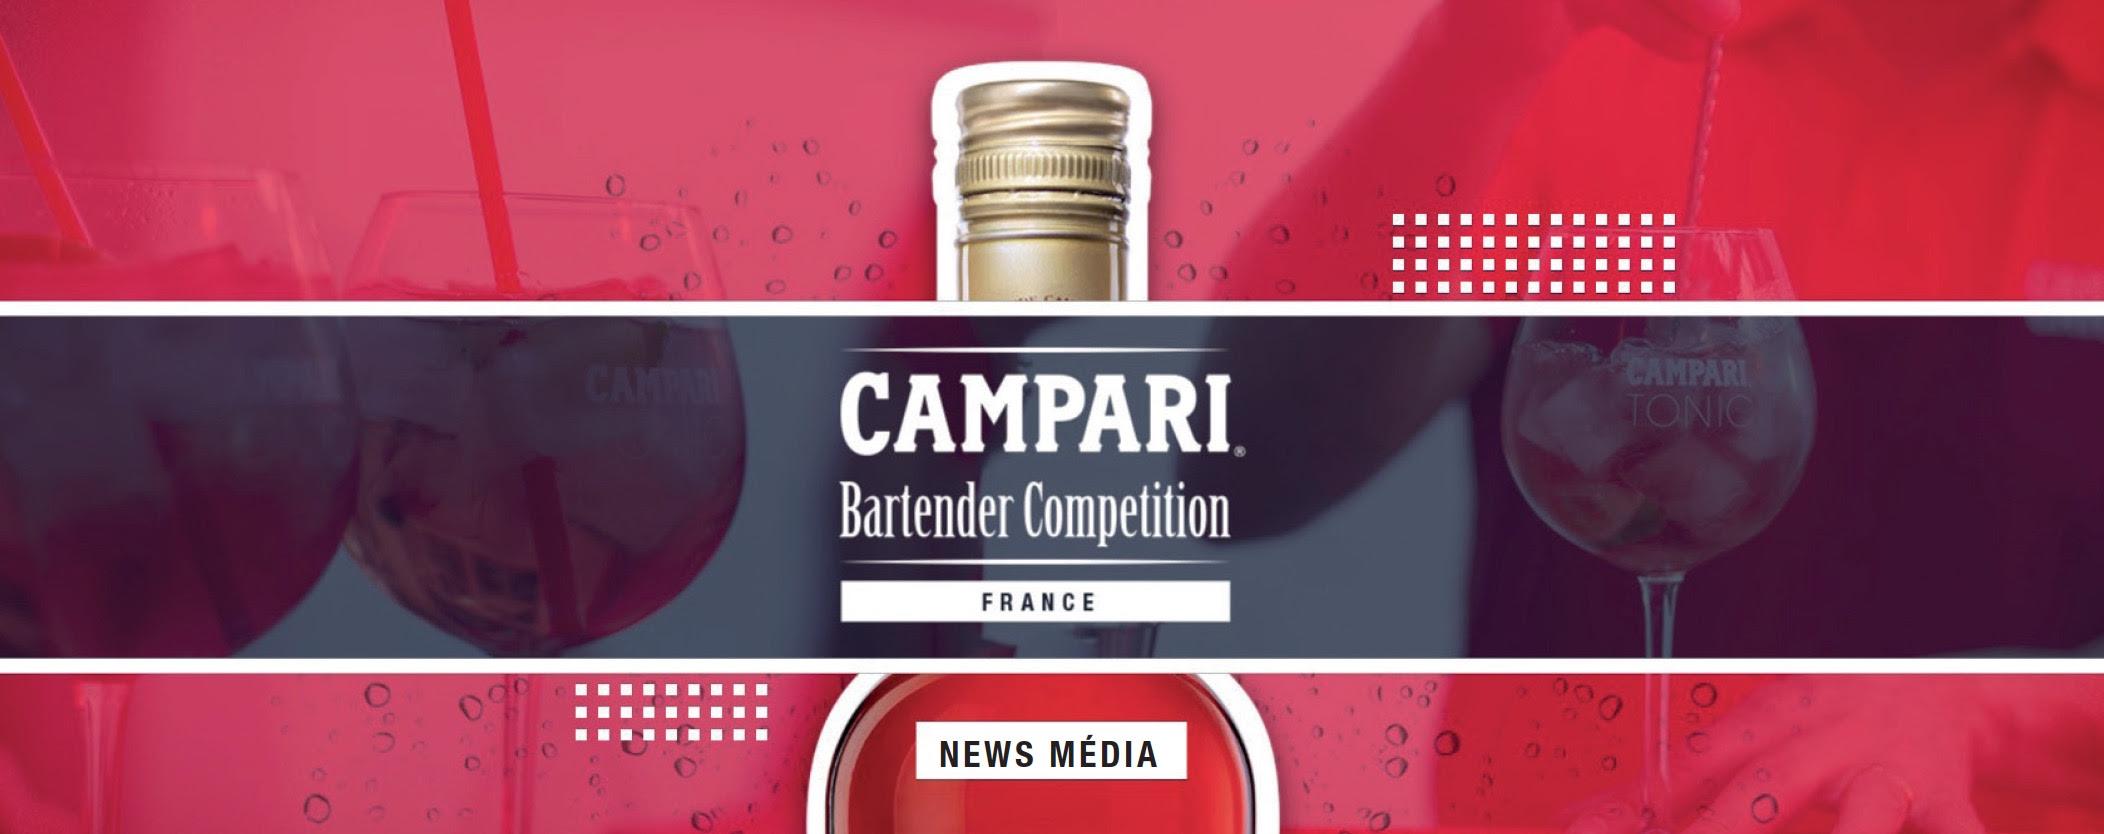 Finale du Campari Bartender Competition France 2017 à Paris